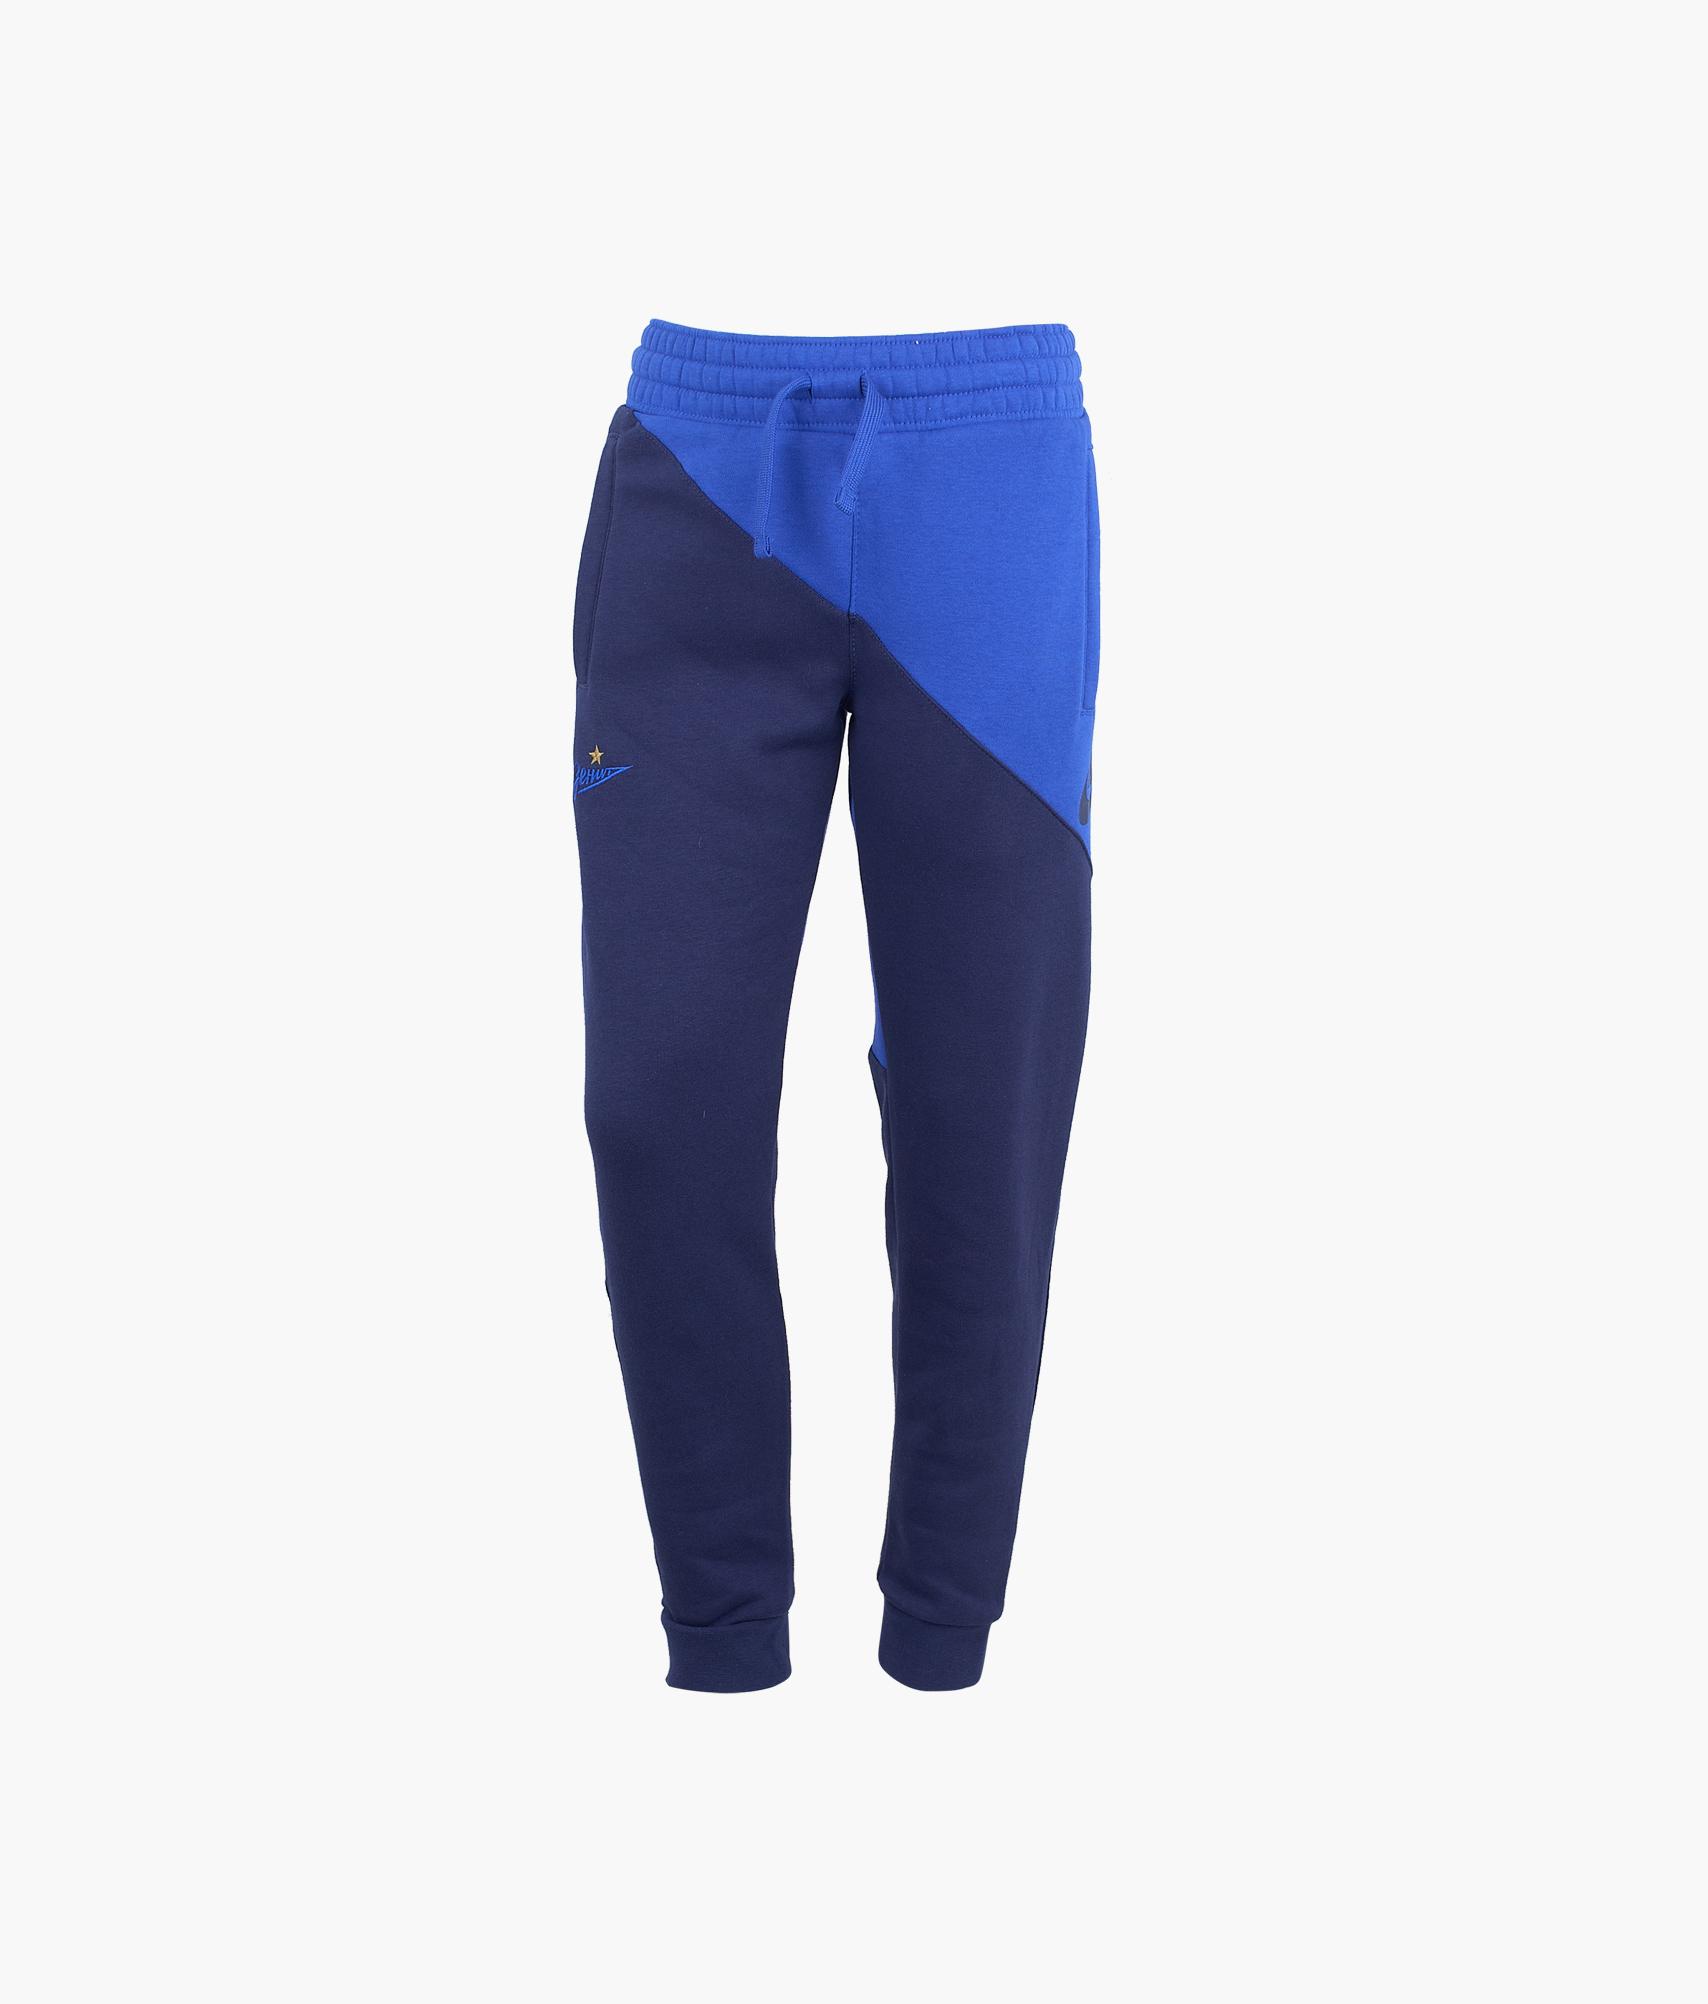 Брюки подростковые Nike Цвет-Синий